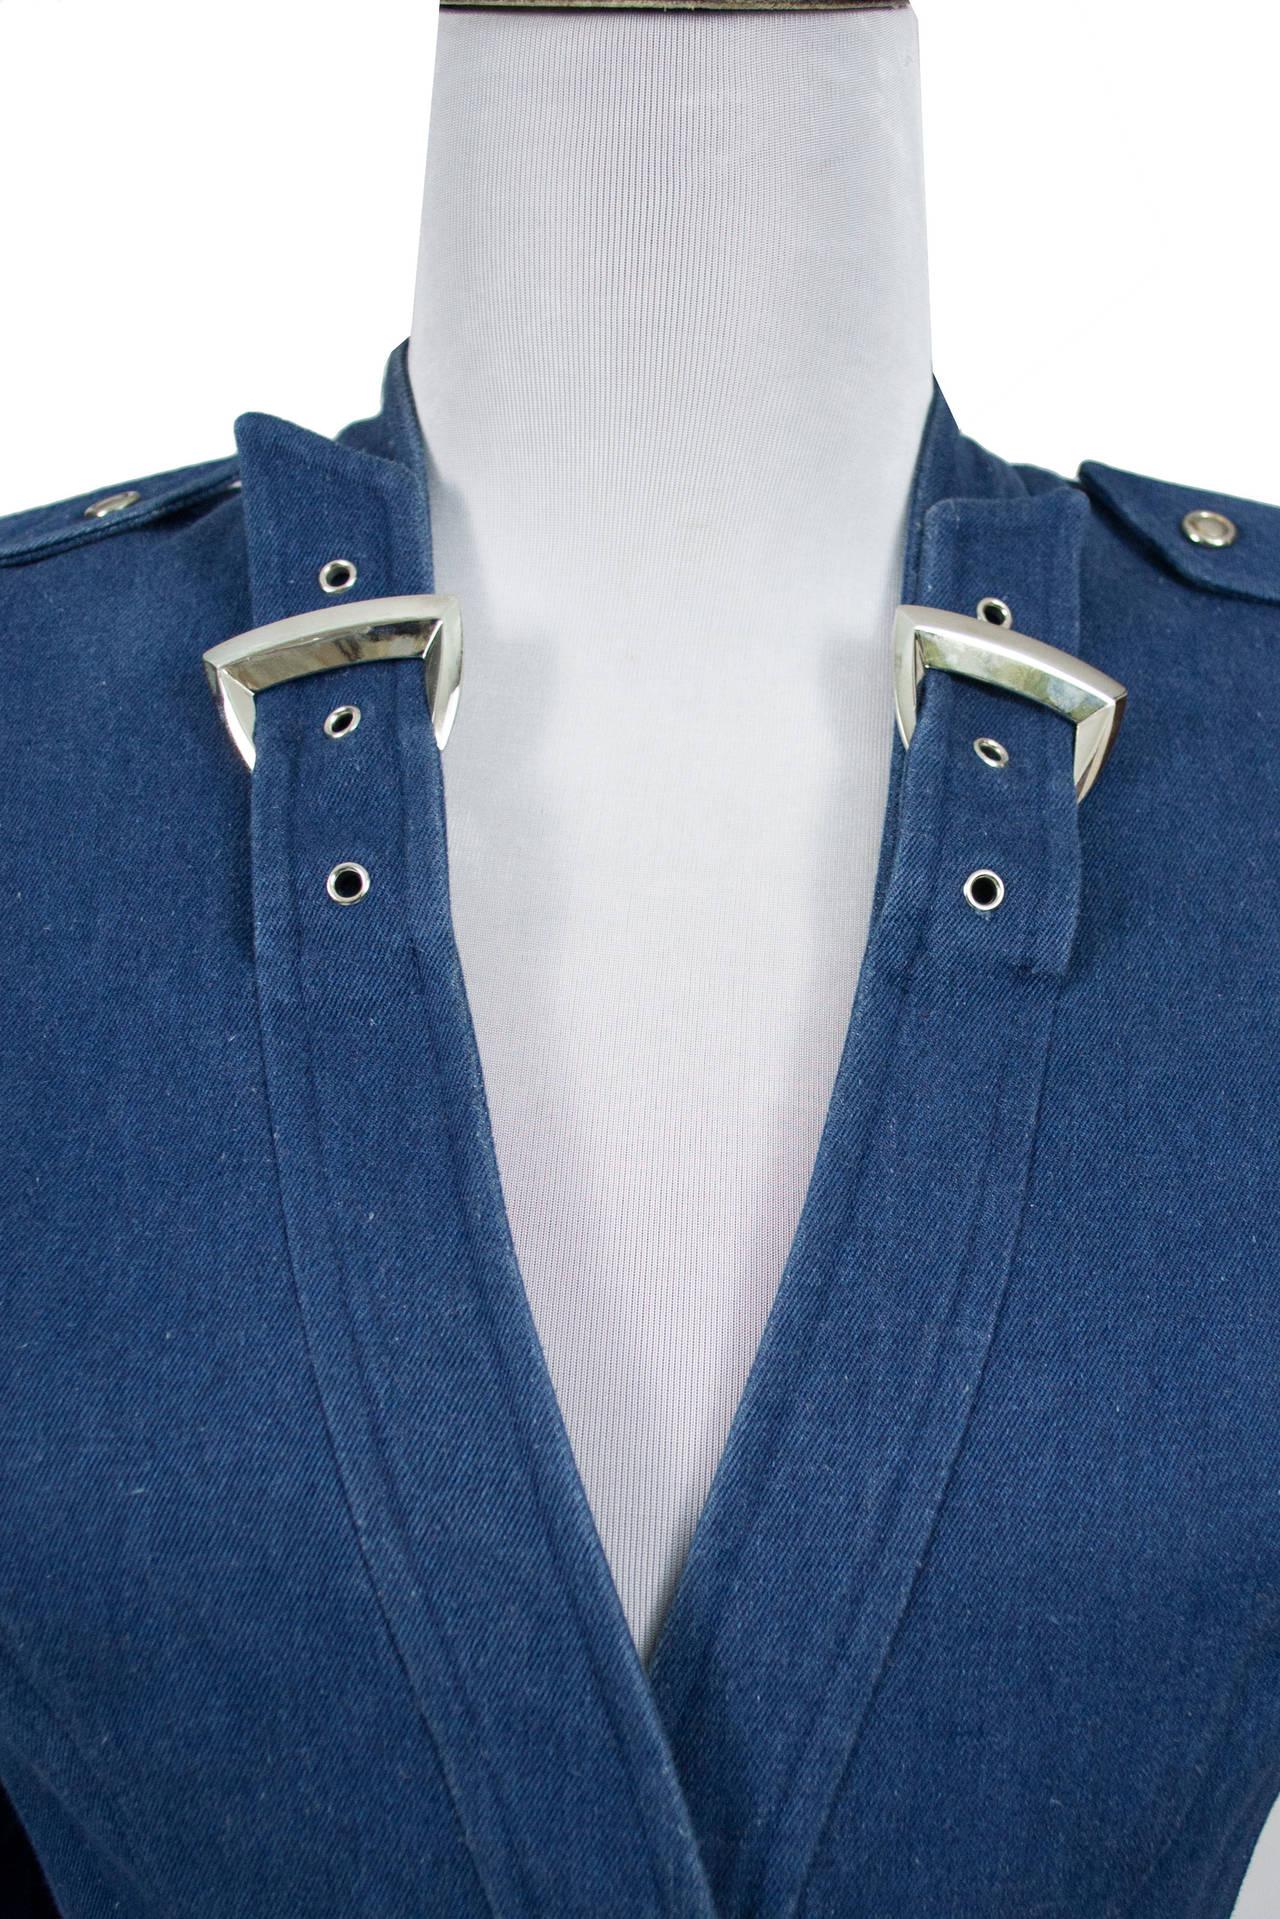 Thierry Mugler 1980's Designer Vintage Suit Denim Skirt Blazer Buckles 4